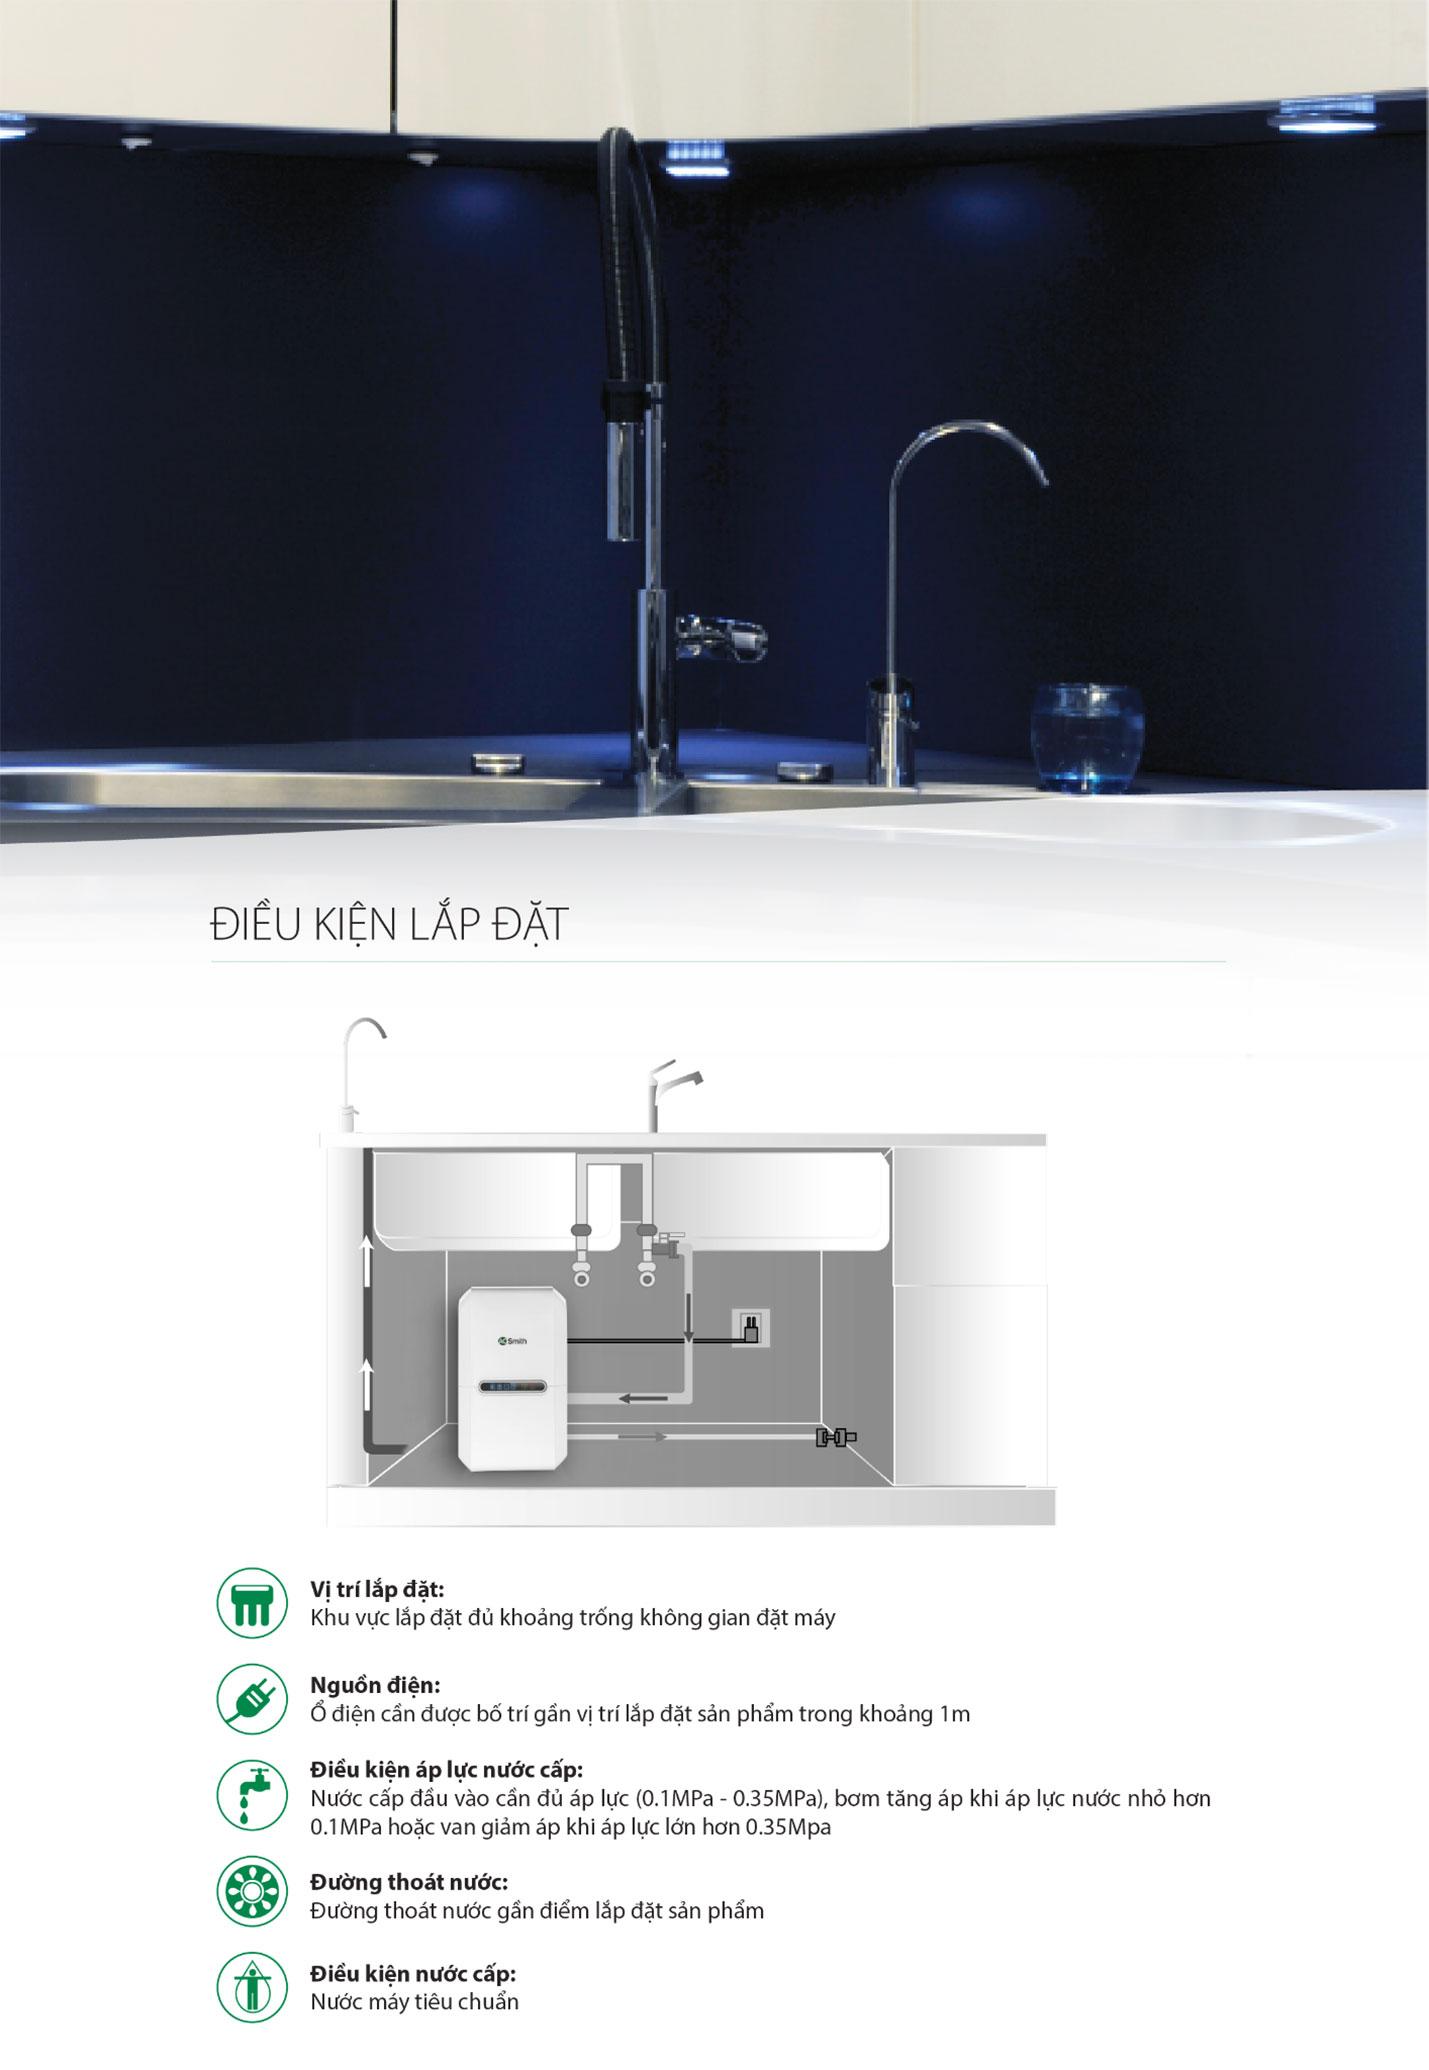 Điều kiện lắp đặt của máy lọc nước Aosmith G2